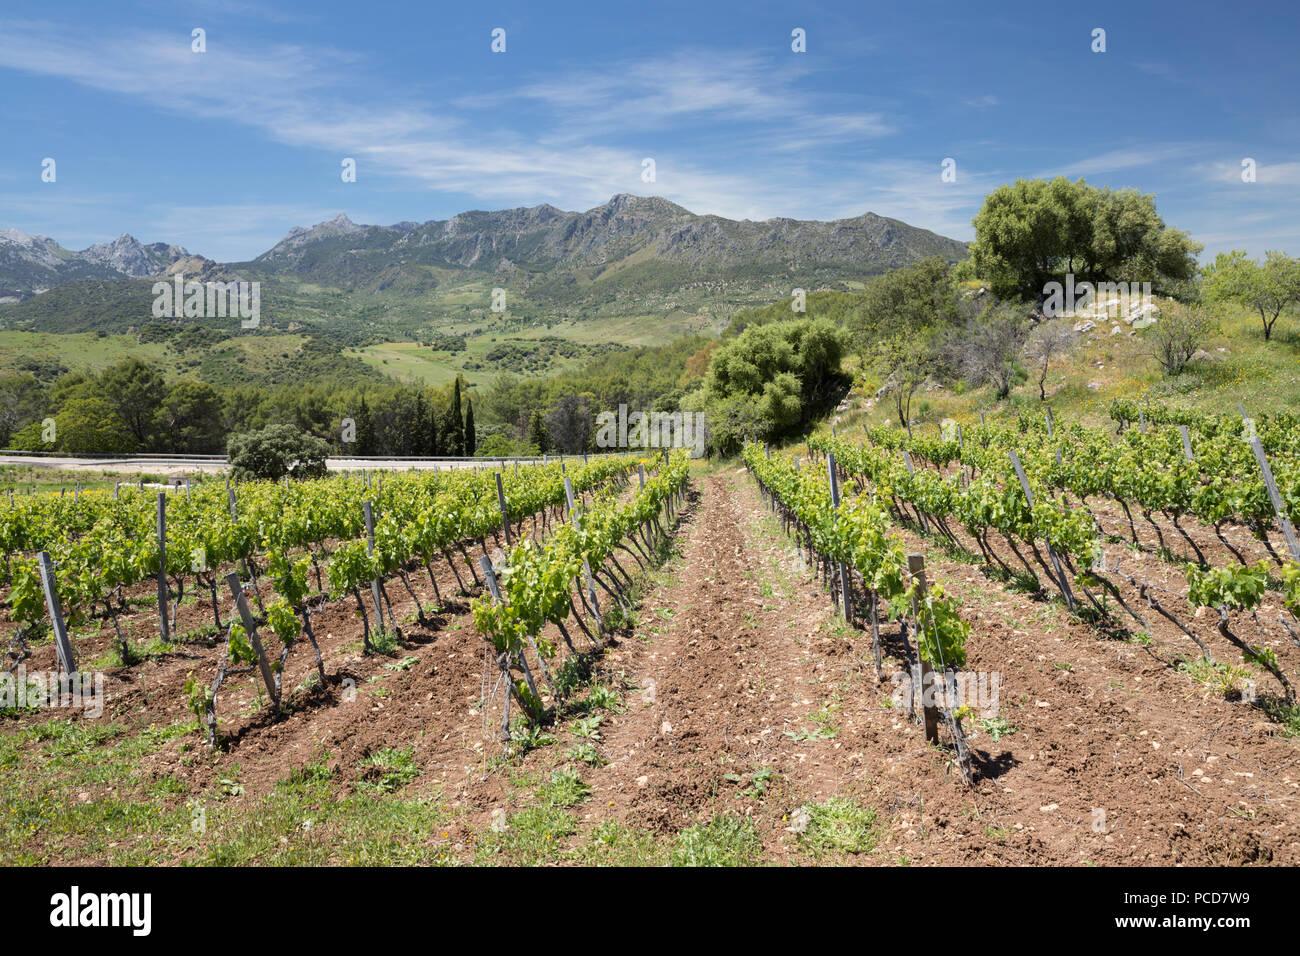 Vignoble situé au-dessous des montagnes de Parc Naturel de la Sierra de Grazalema, Zahara de la Sierra, la Province de Cádiz, Andalousie, Espagne, Europe Photo Stock